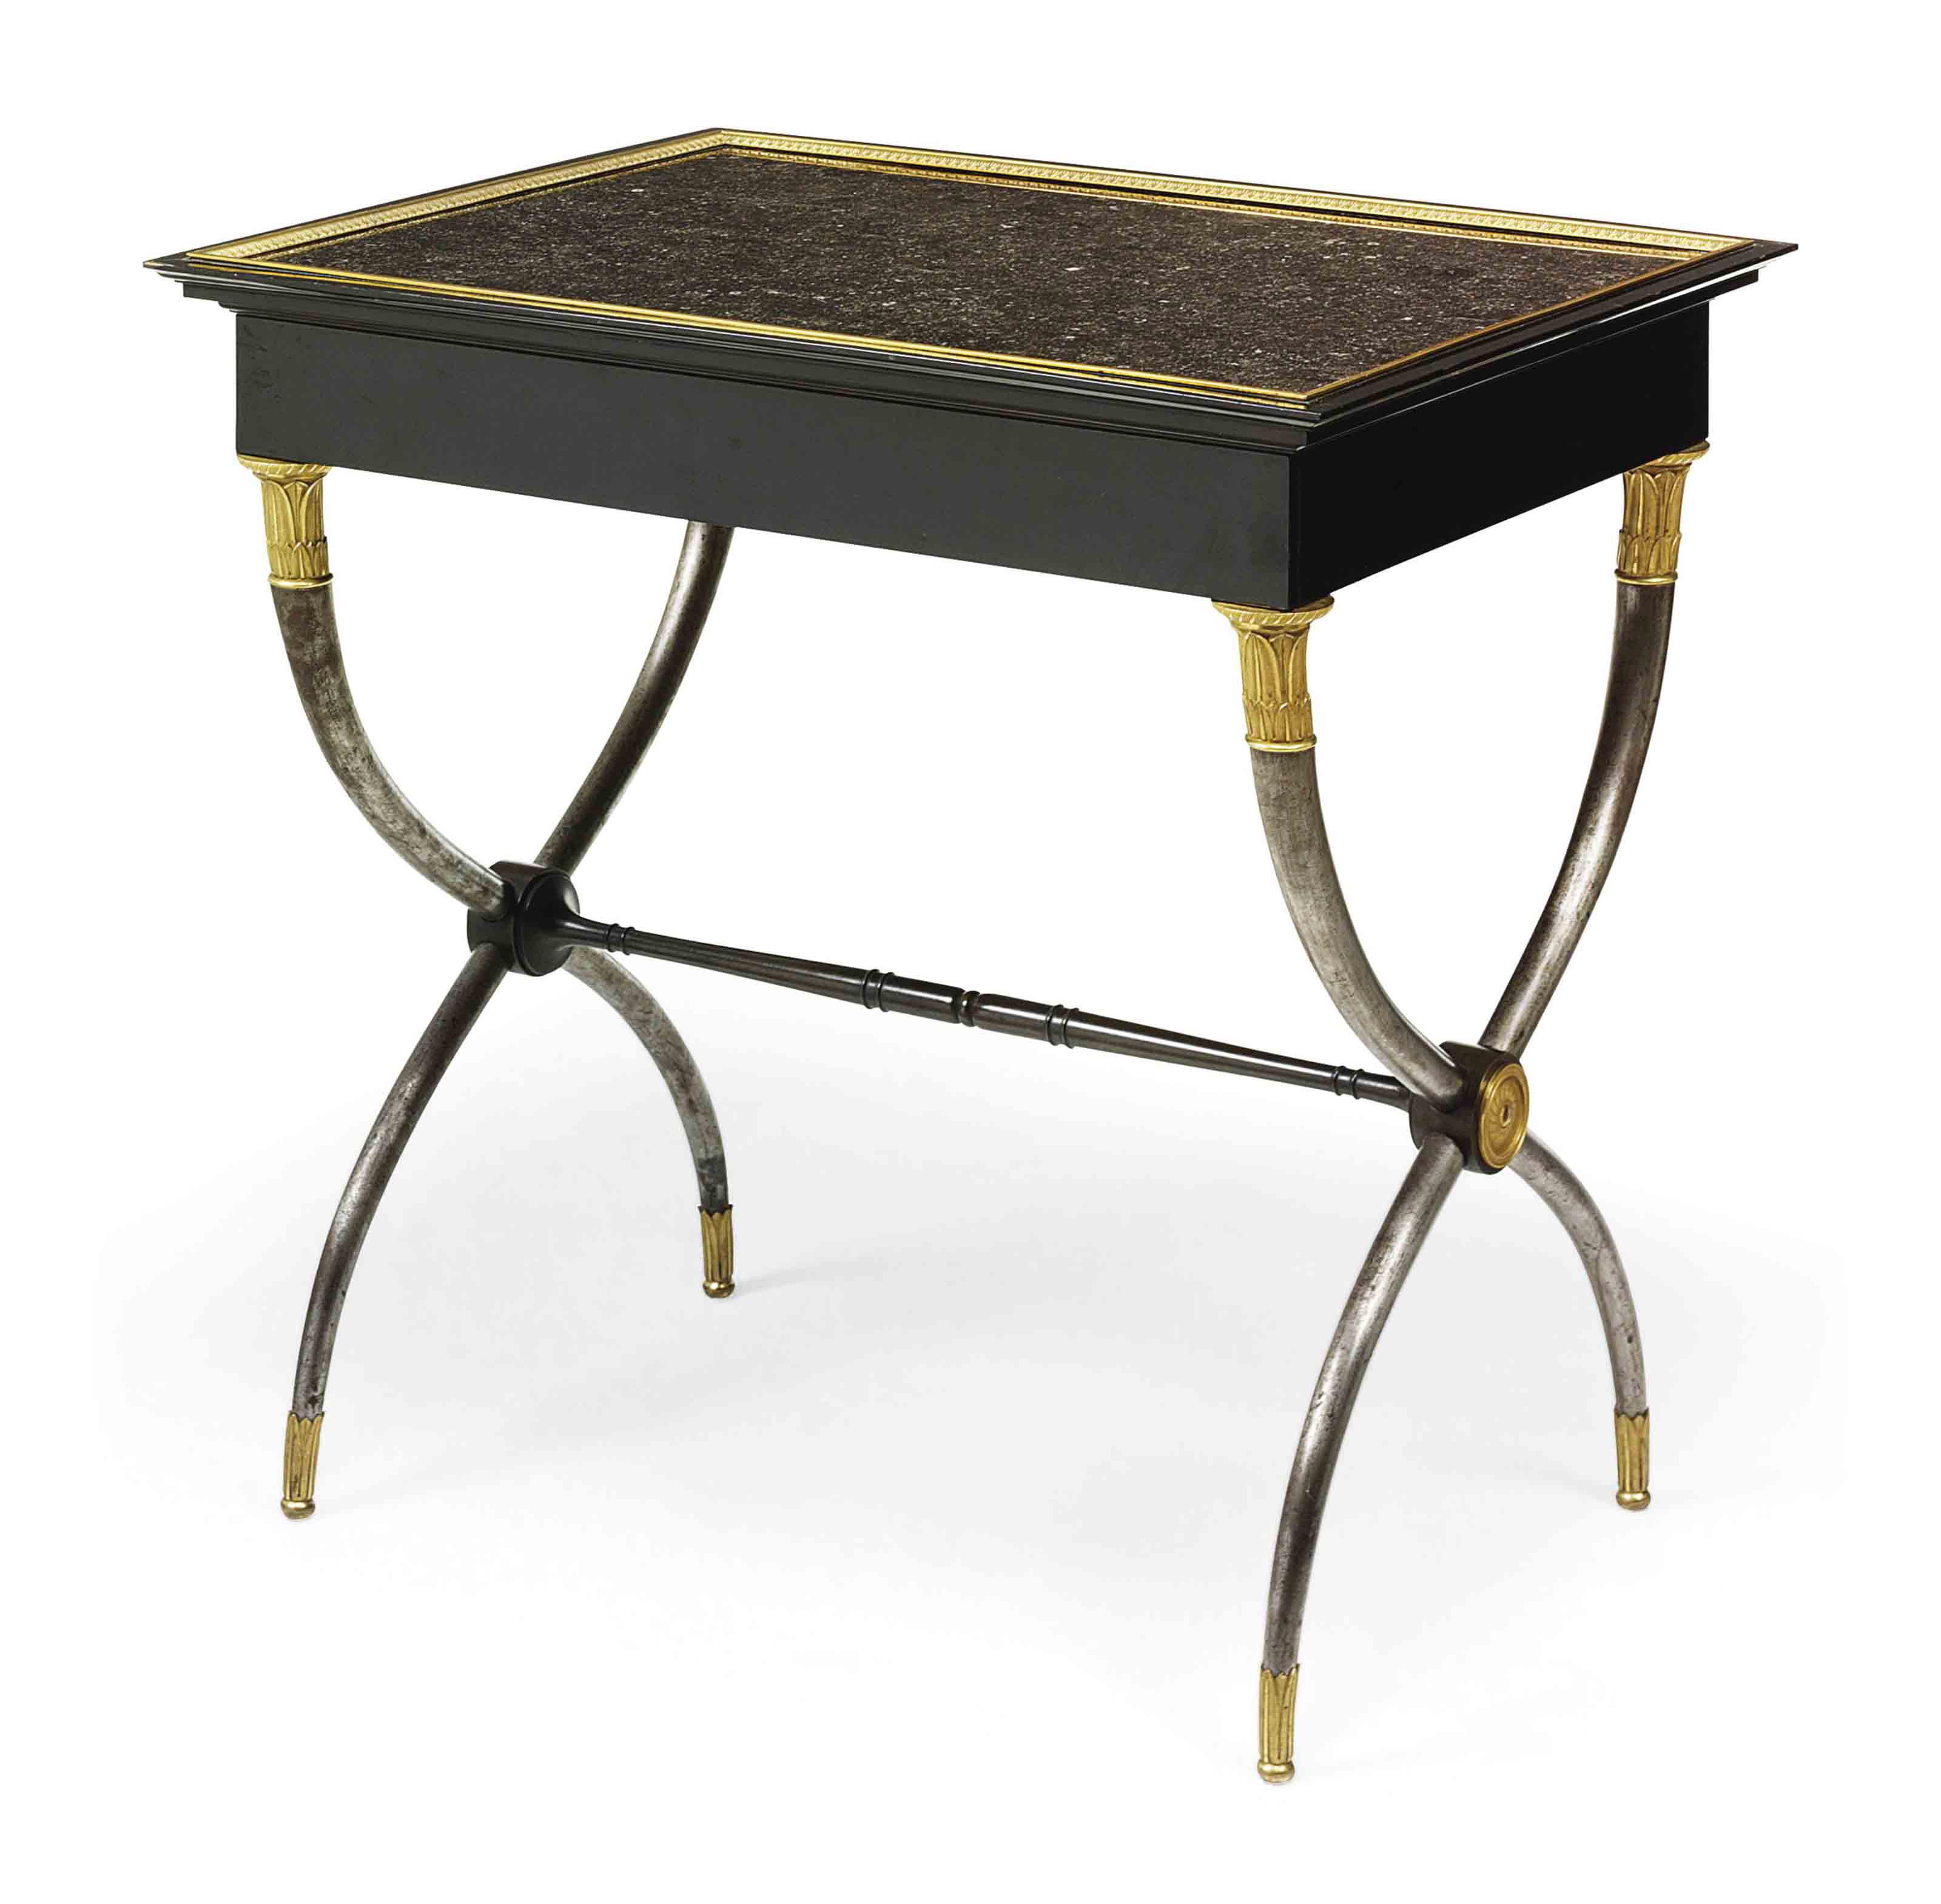 AN EMPIRE ORMOLU, STEEL AND EBONY CENTRE TABLE